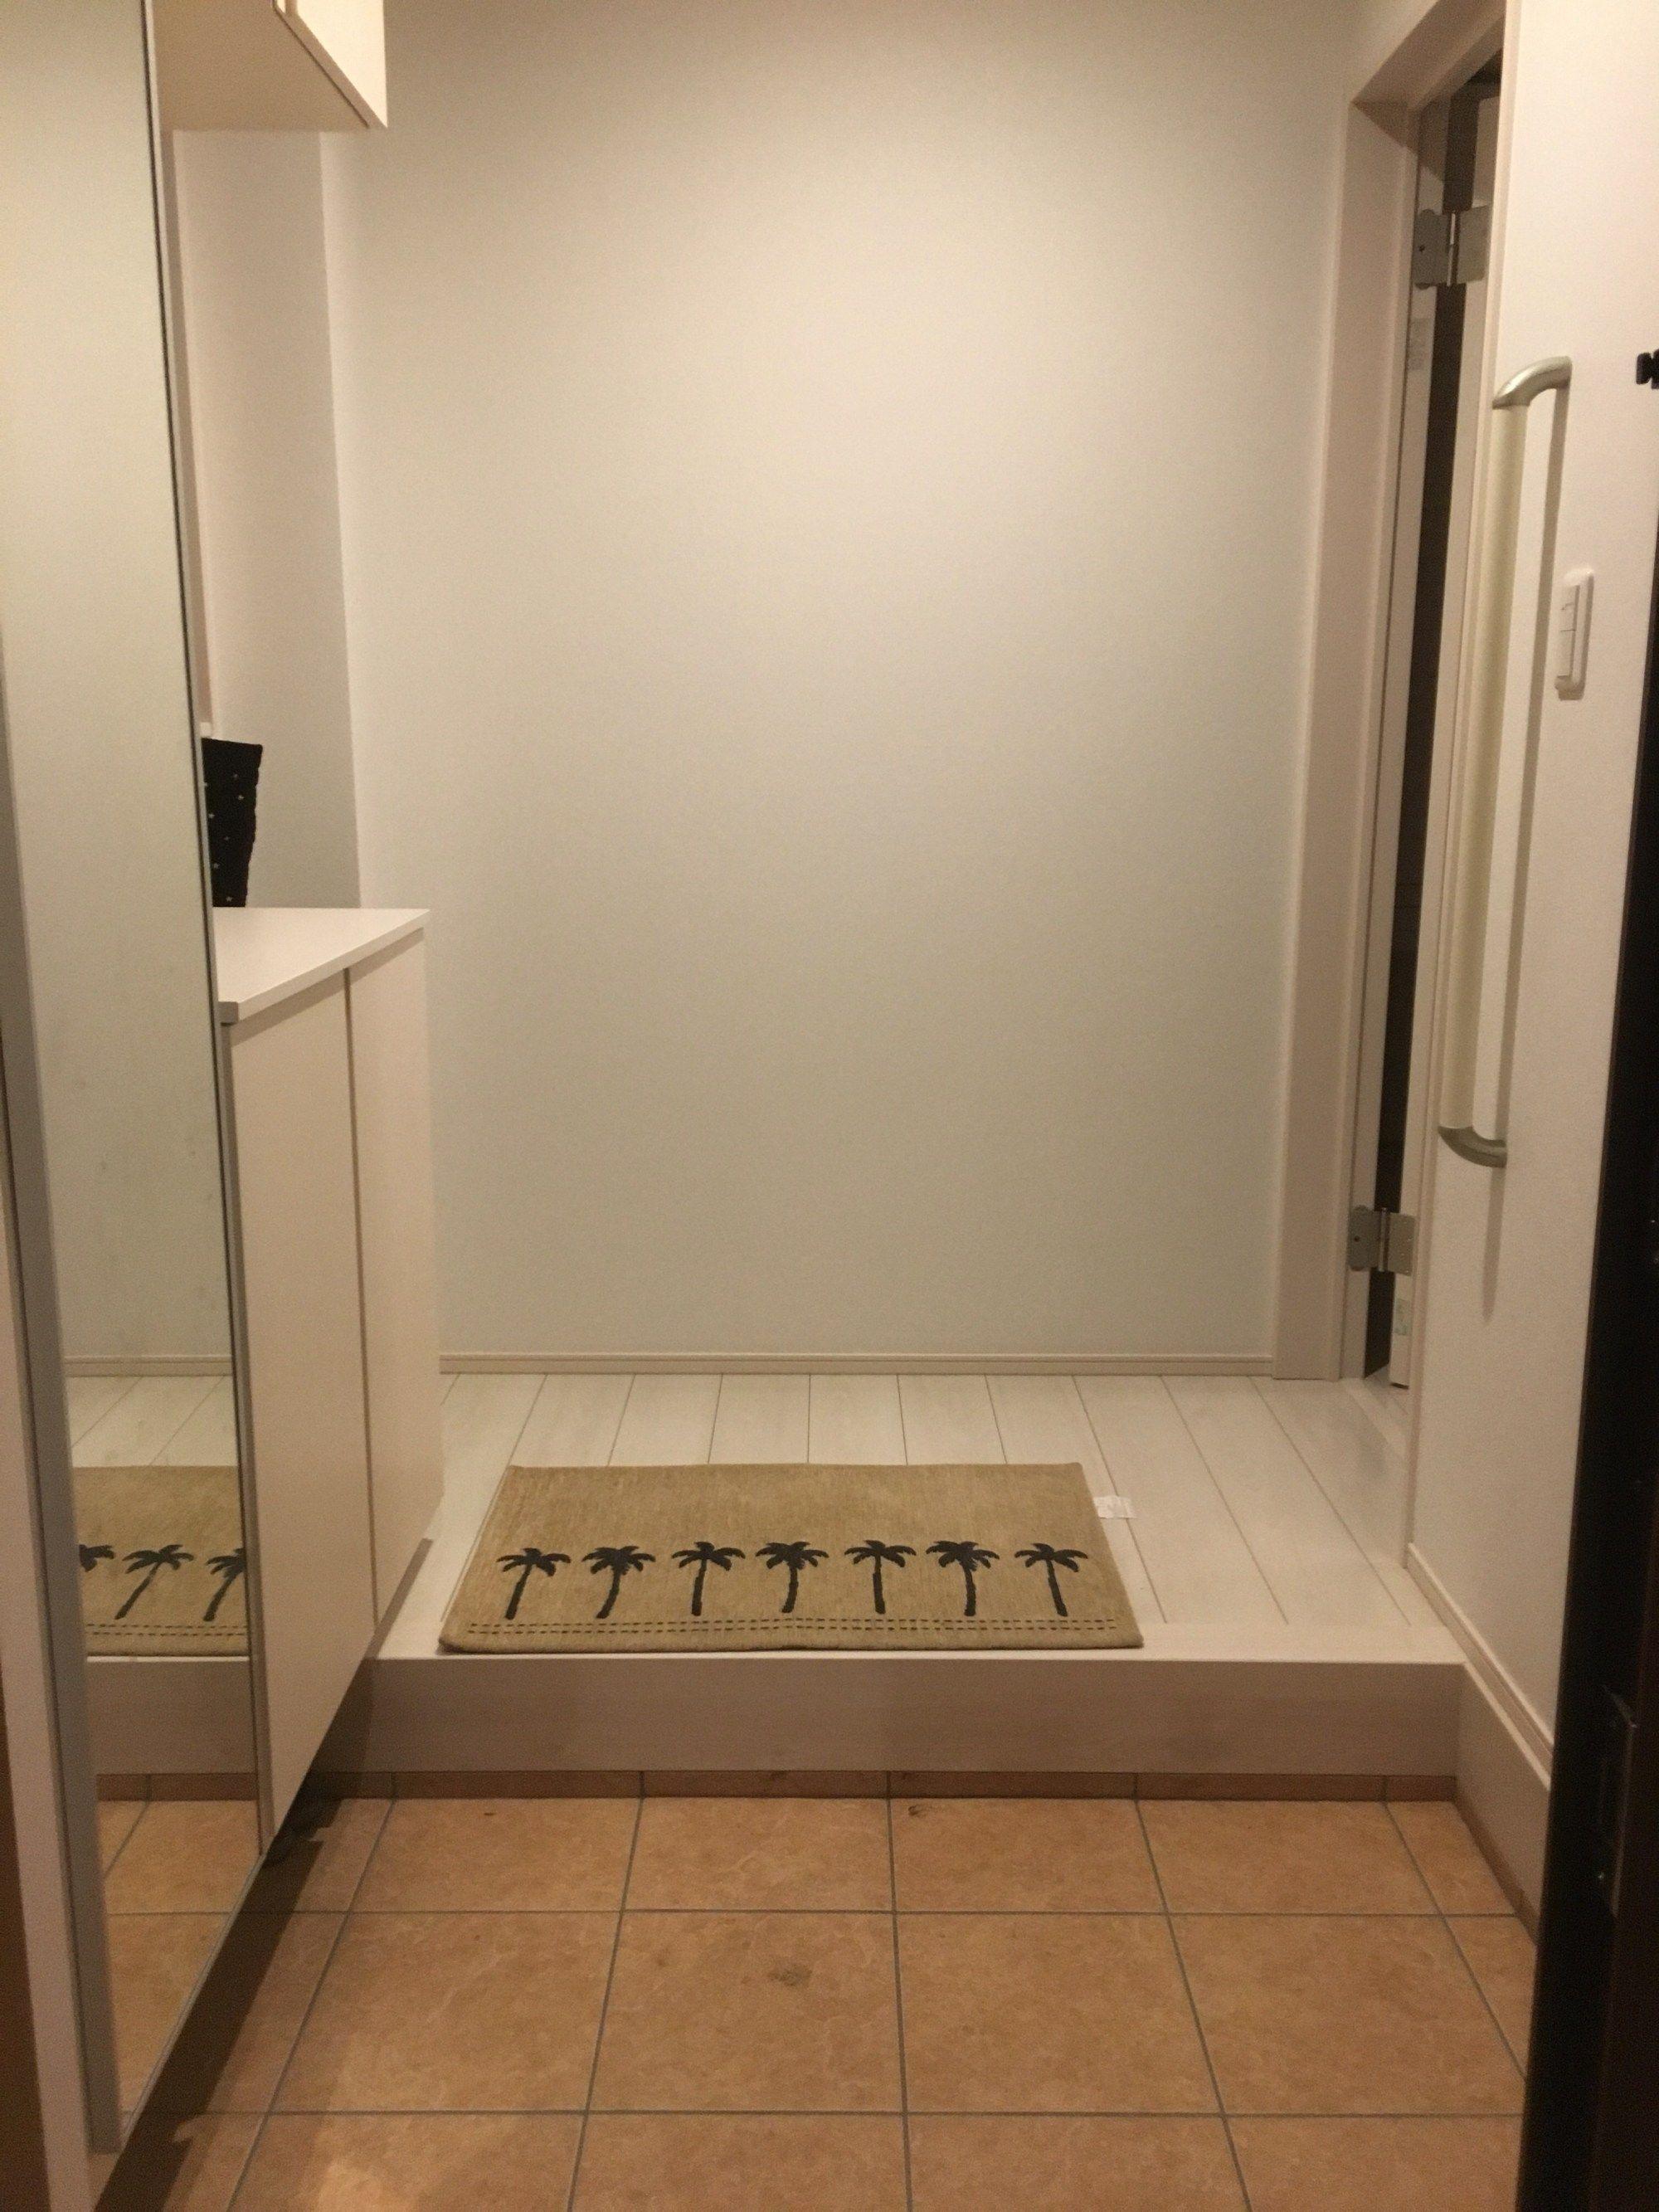 新築の玄関が狭い 現実を受け入れて 狭い玄関を広く見せる工夫を